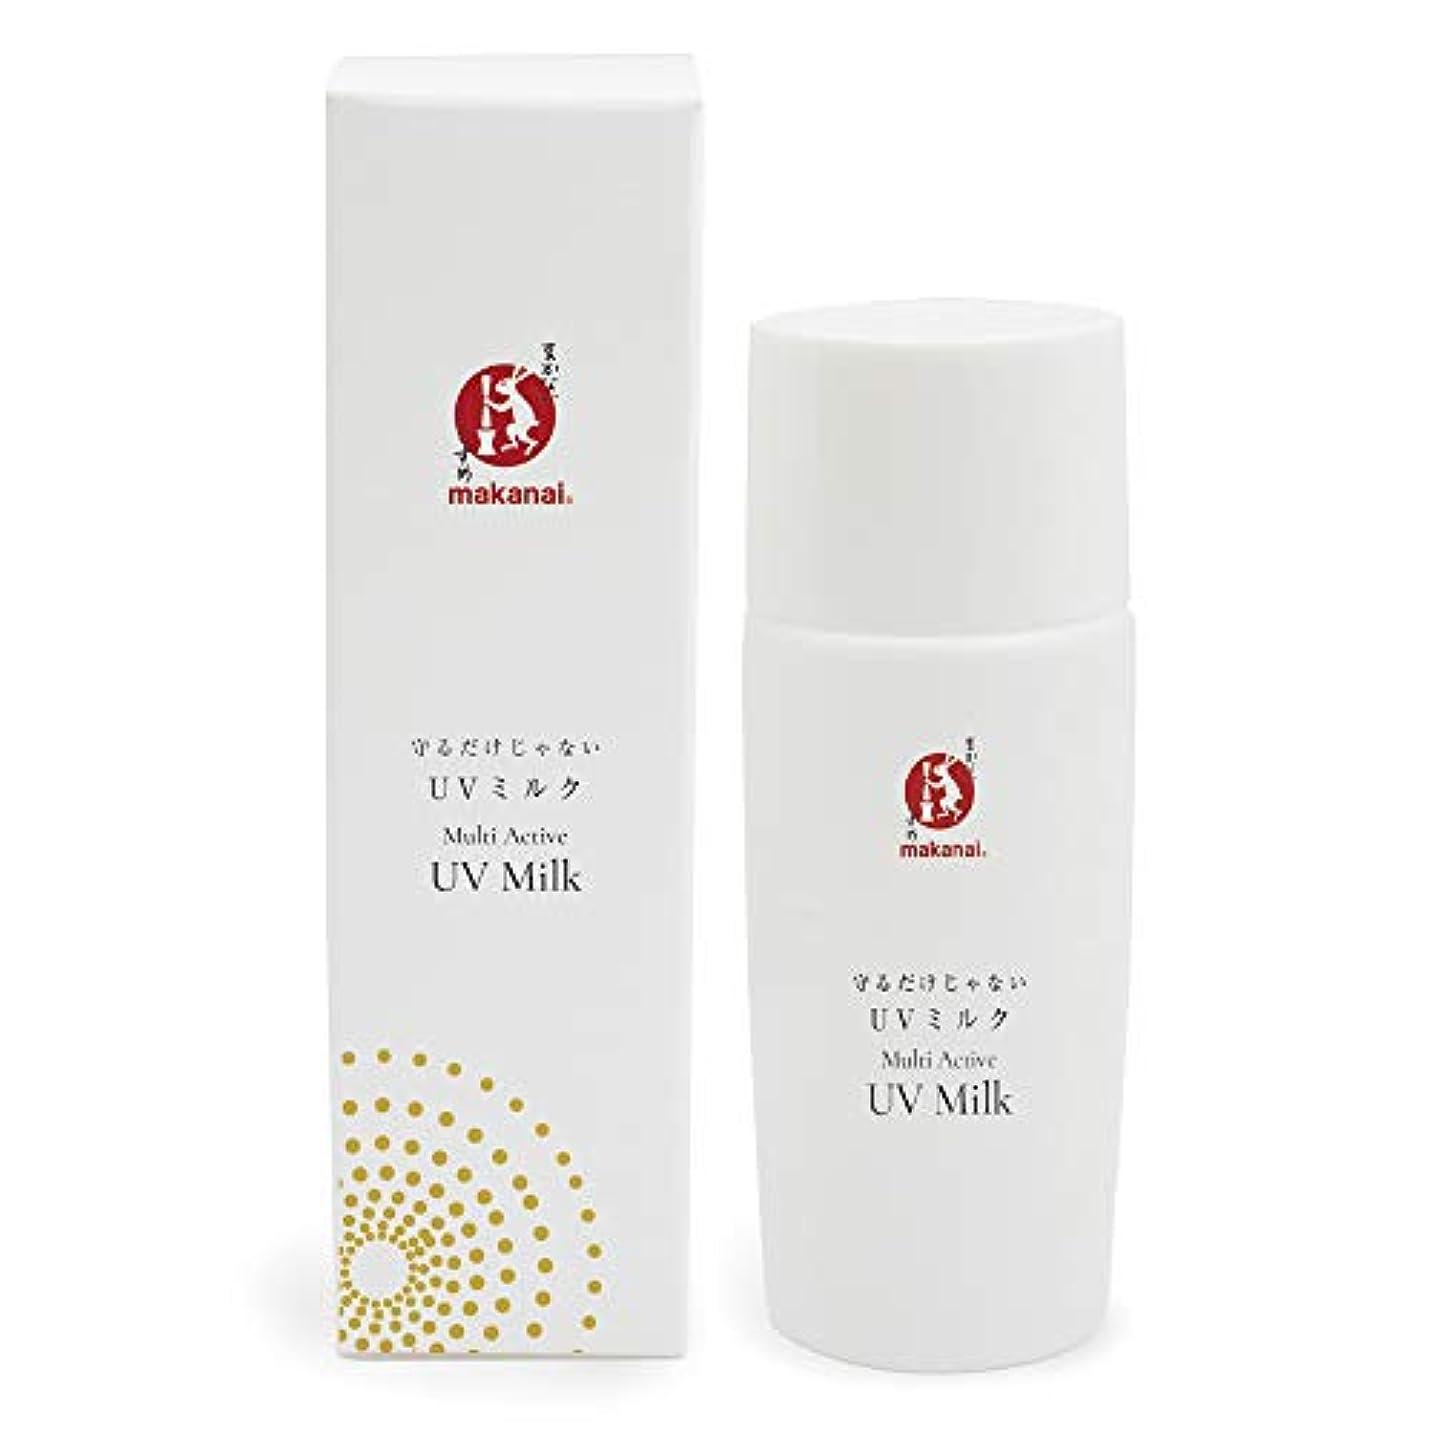 困難乱気流防衛まかないこすめ 守るだけじゃないUVミルク(乳香の香り) SPF50+ PA++++ 50ml